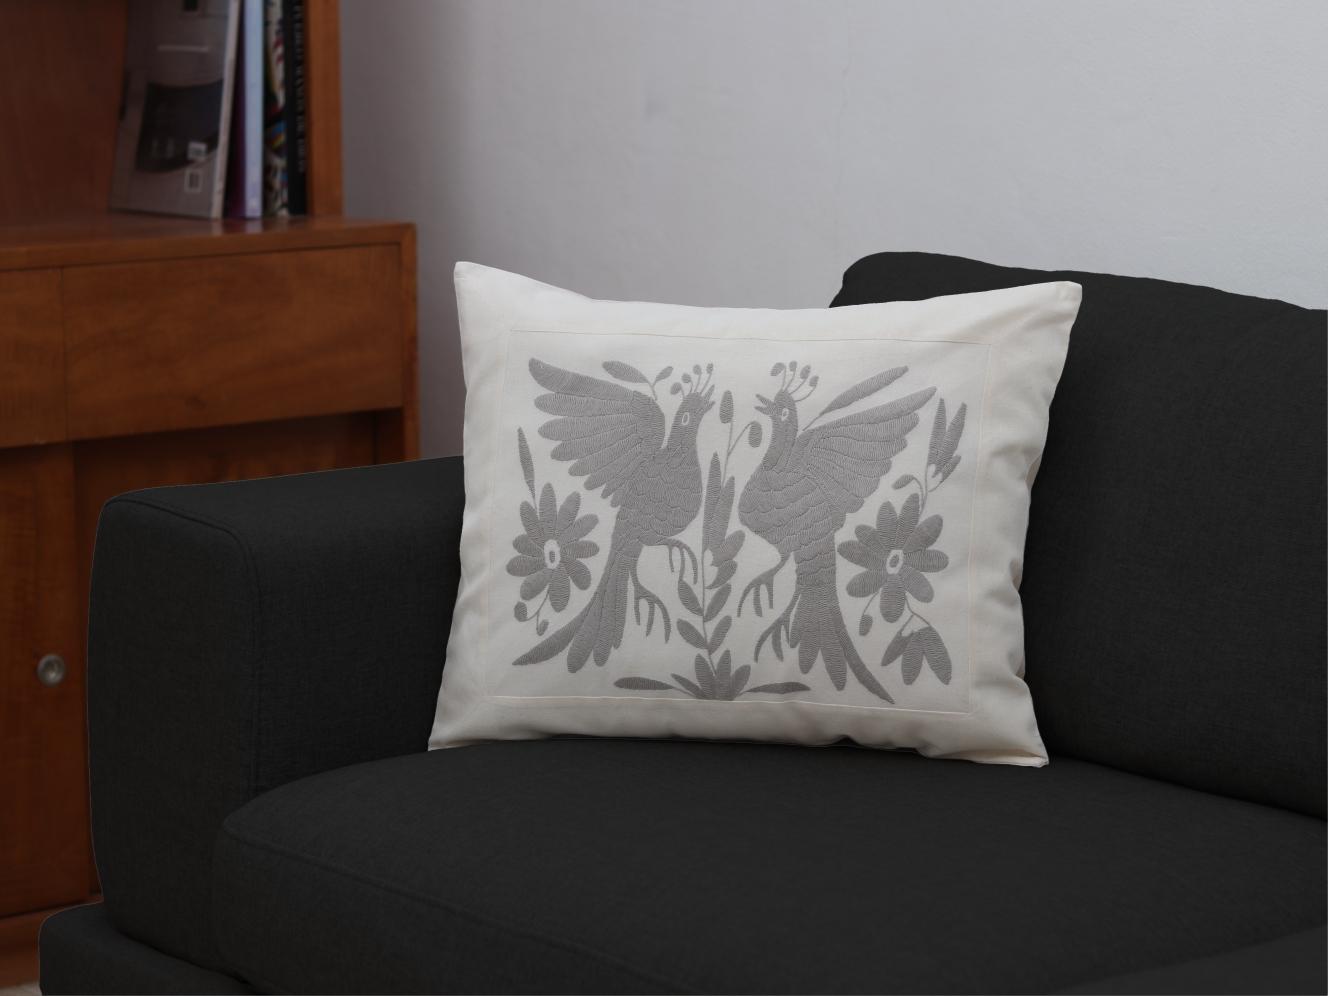 Funda de cojín rectangular, sobre un sillón que cambia de color.